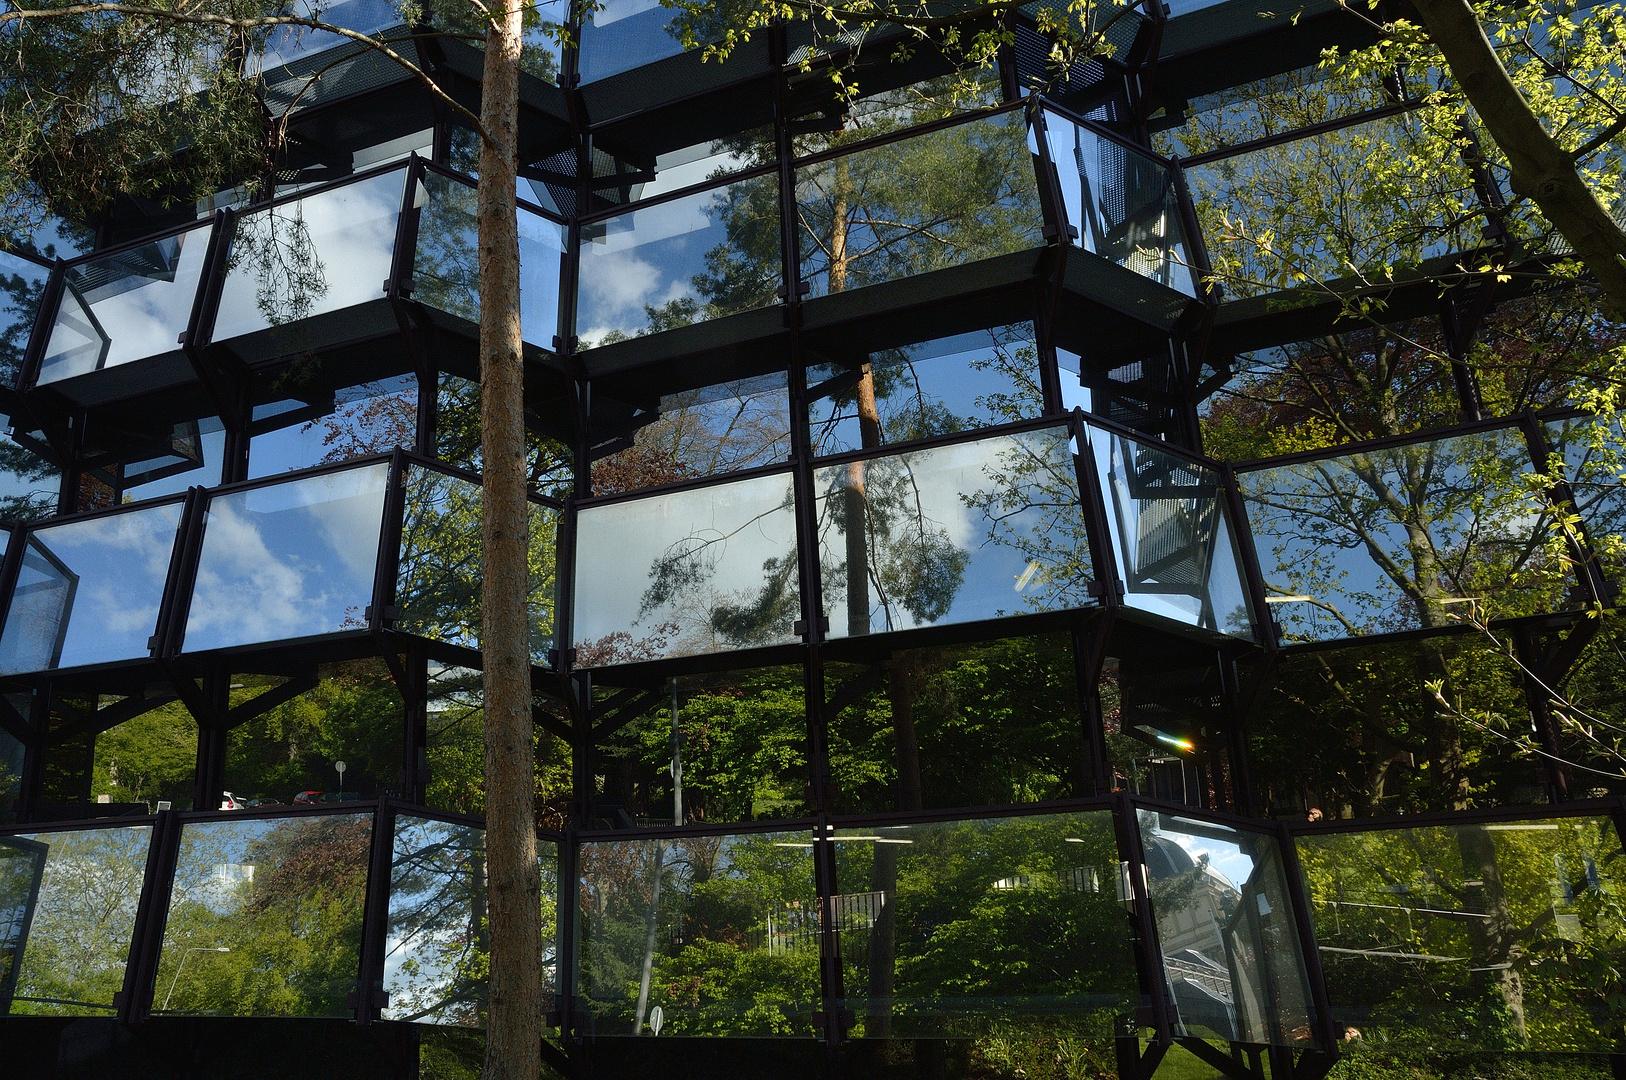 Welt im Glas